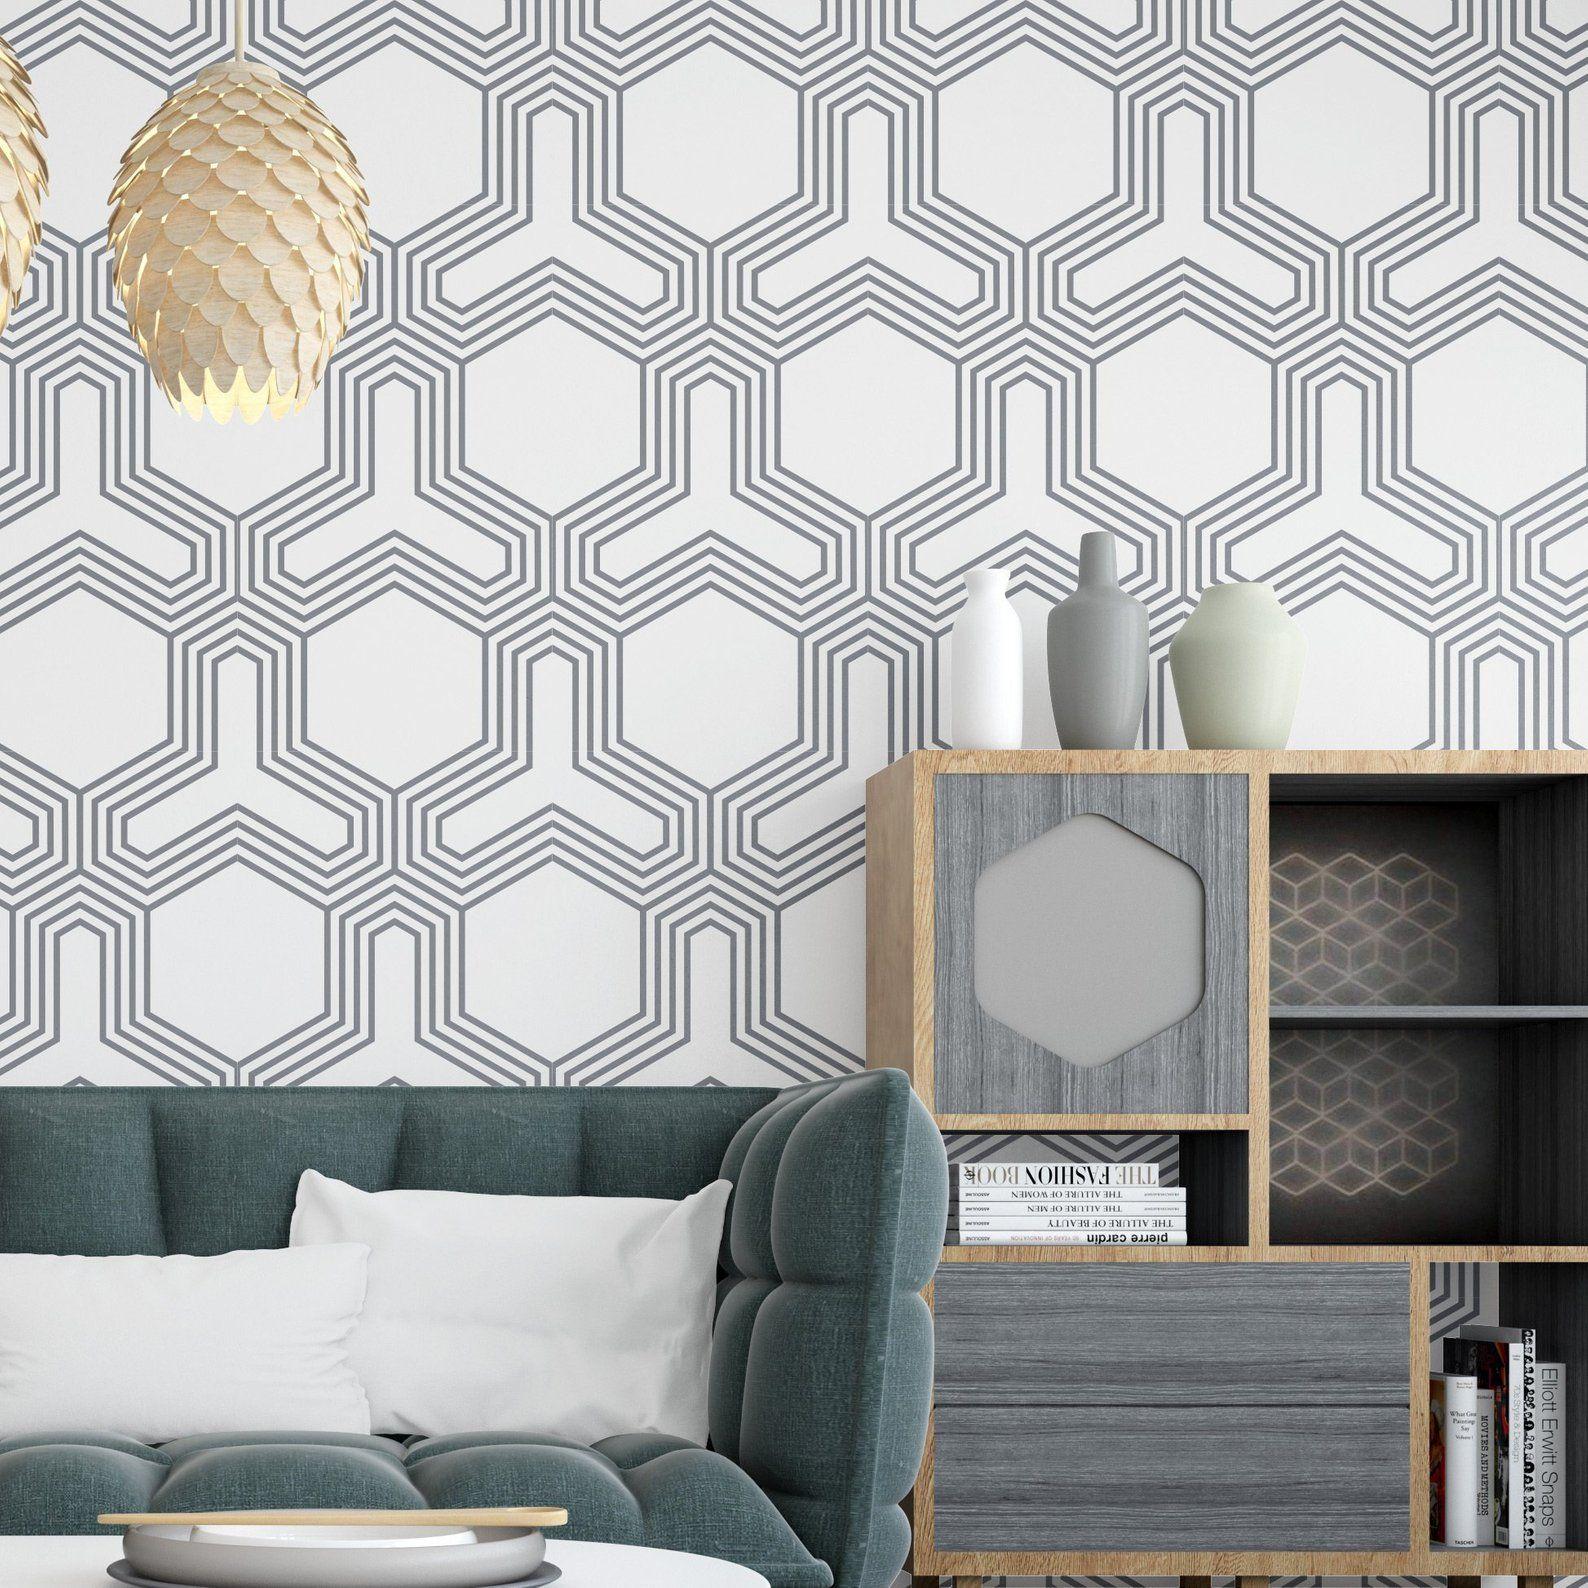 Futuristic Geometric Wallpaper Roll Black and White